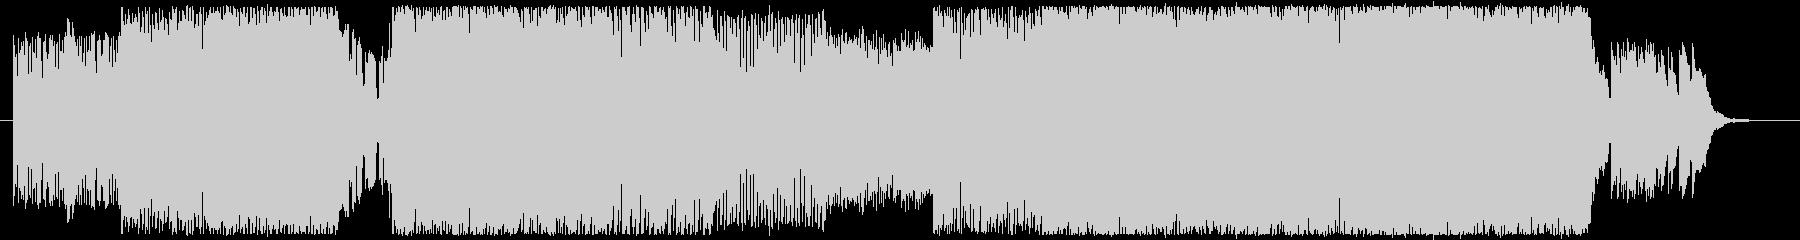 MOON BEAMの未再生の波形